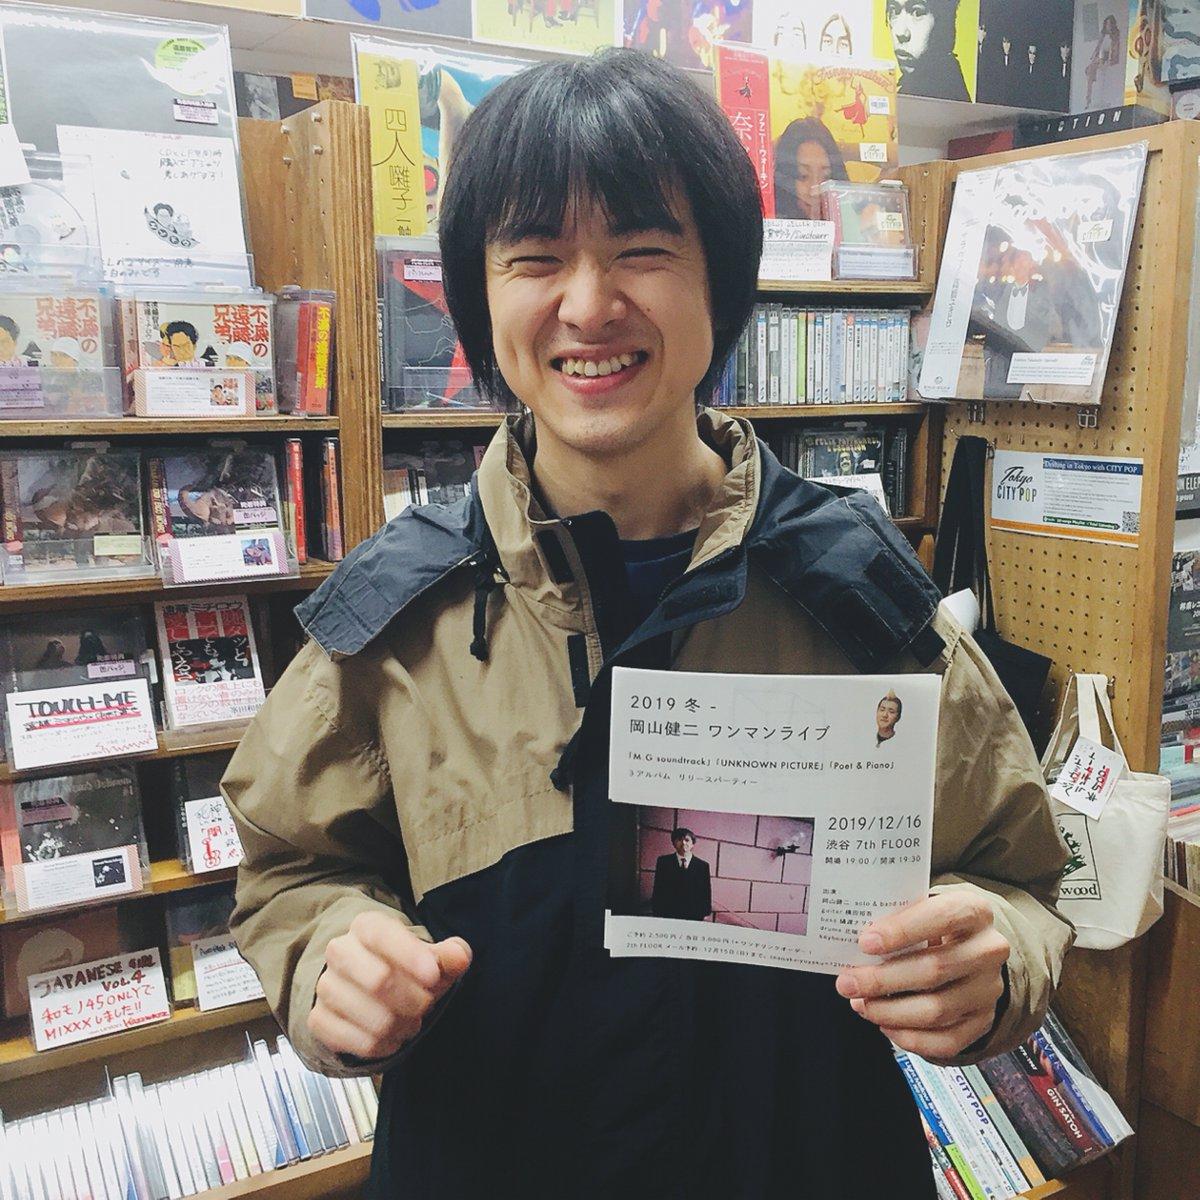 健二さんからワンマンのフライヤーお預かりしました☺️12月16日(月)@渋谷7th FLOOR2019 冬 - 岡山健二 ワンマンライブ「M.G soundtrack」「UNKNOWN PICTURE」「Poet & Piano」3アルバム リリースパーティーチケットのご予約はこちらから👉